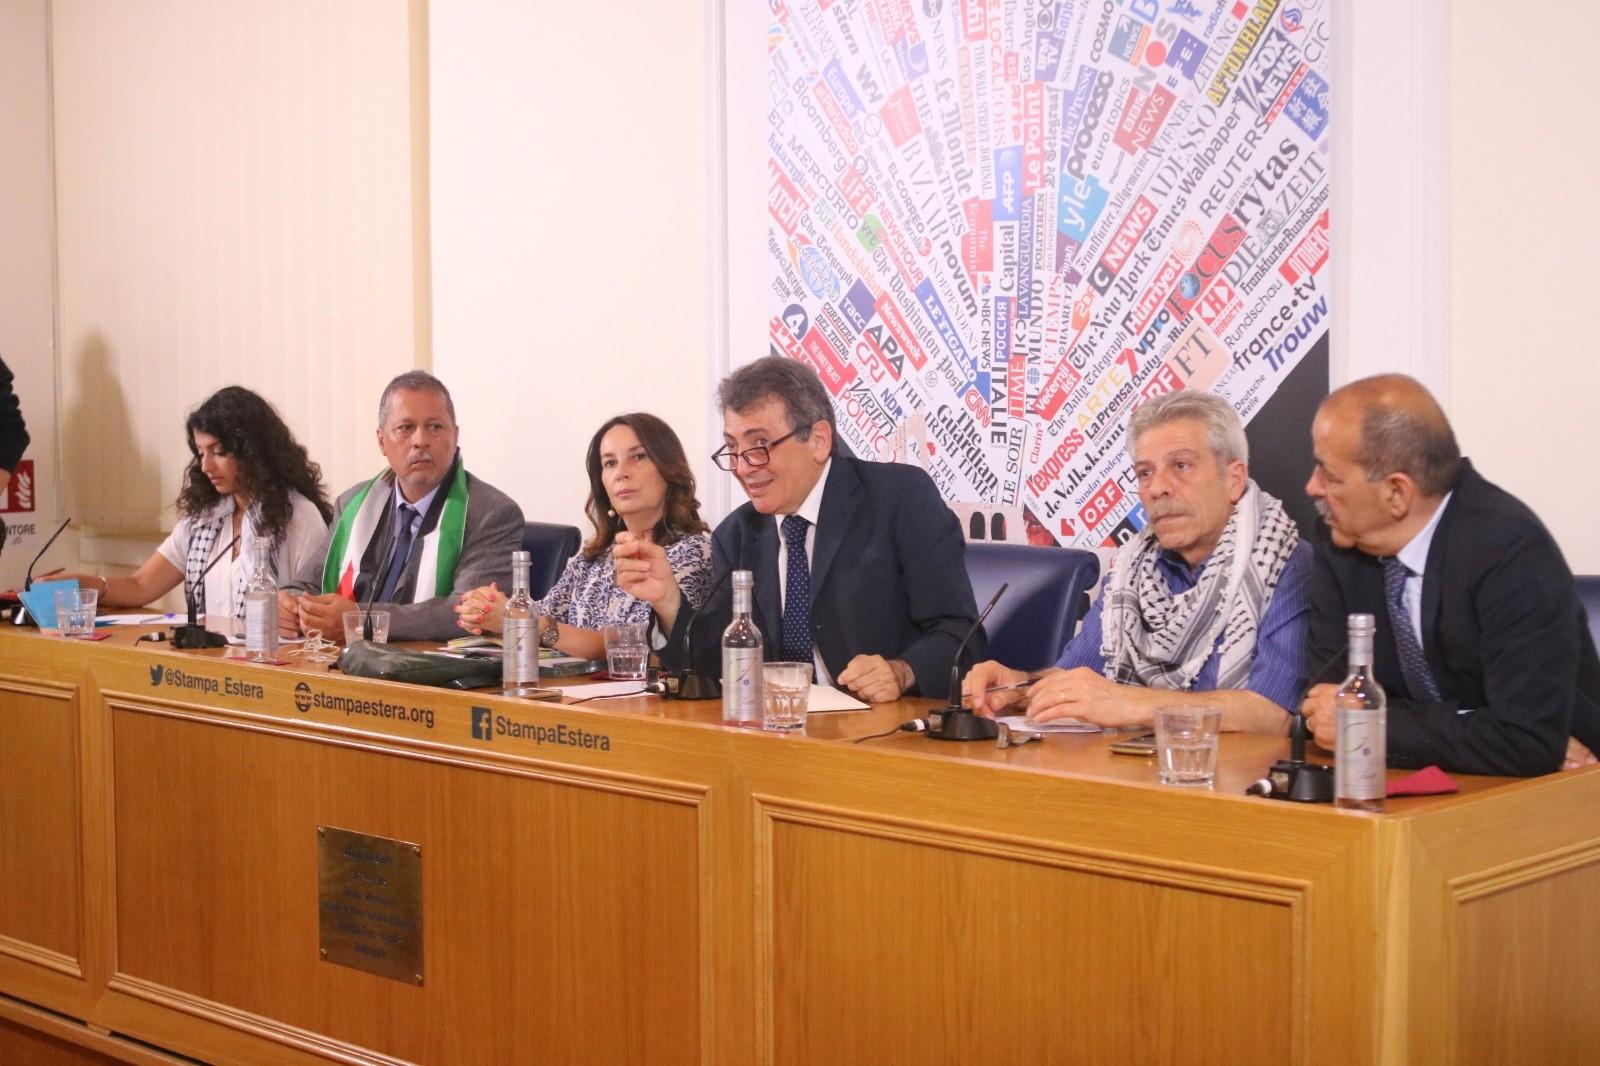 """Associazioni dei Palestinesi in Italia: """"L'affare del secolo respinto da tutti i palestinesi del mondo"""""""